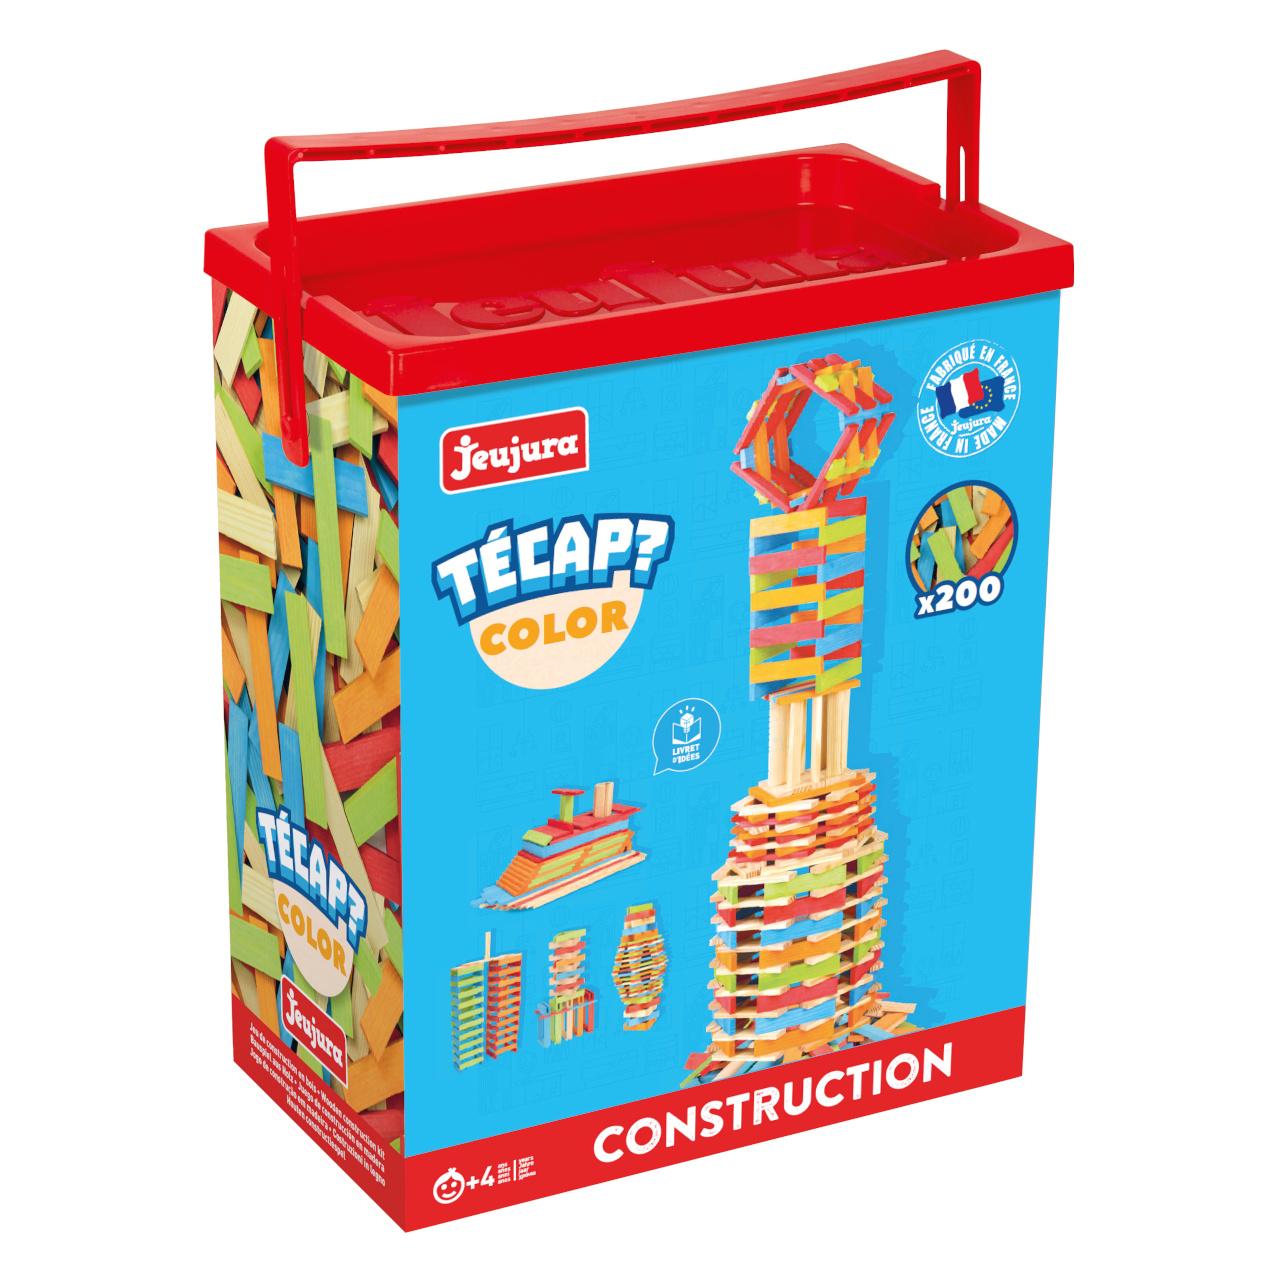 Jeujura Dřevěná stavebnice Técap Color 200 dílů